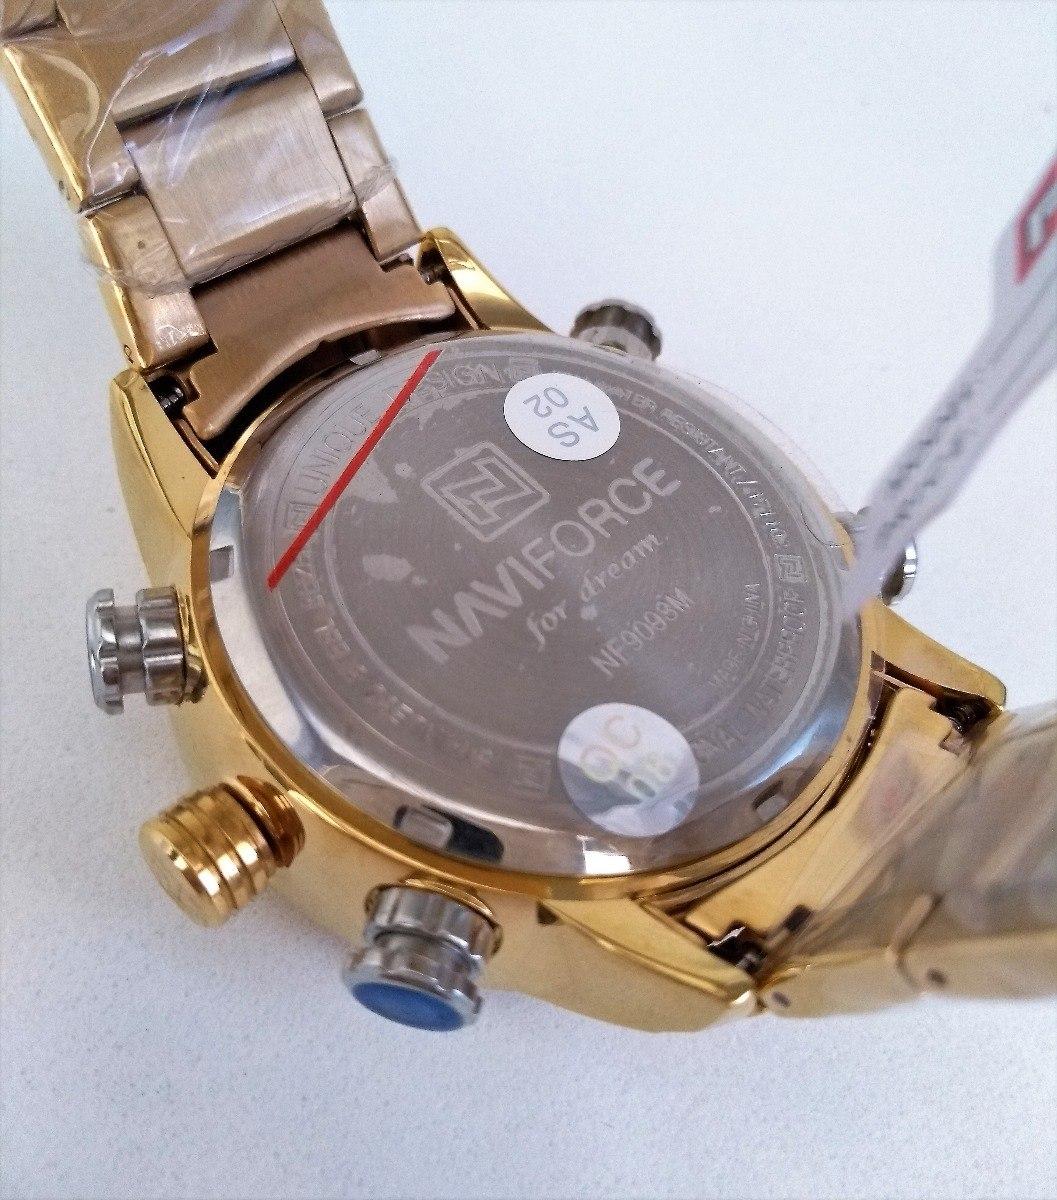 e48f8f11e1a relógio masculino dourado- digital analógico- aço inoxidável. Carregando  zoom.